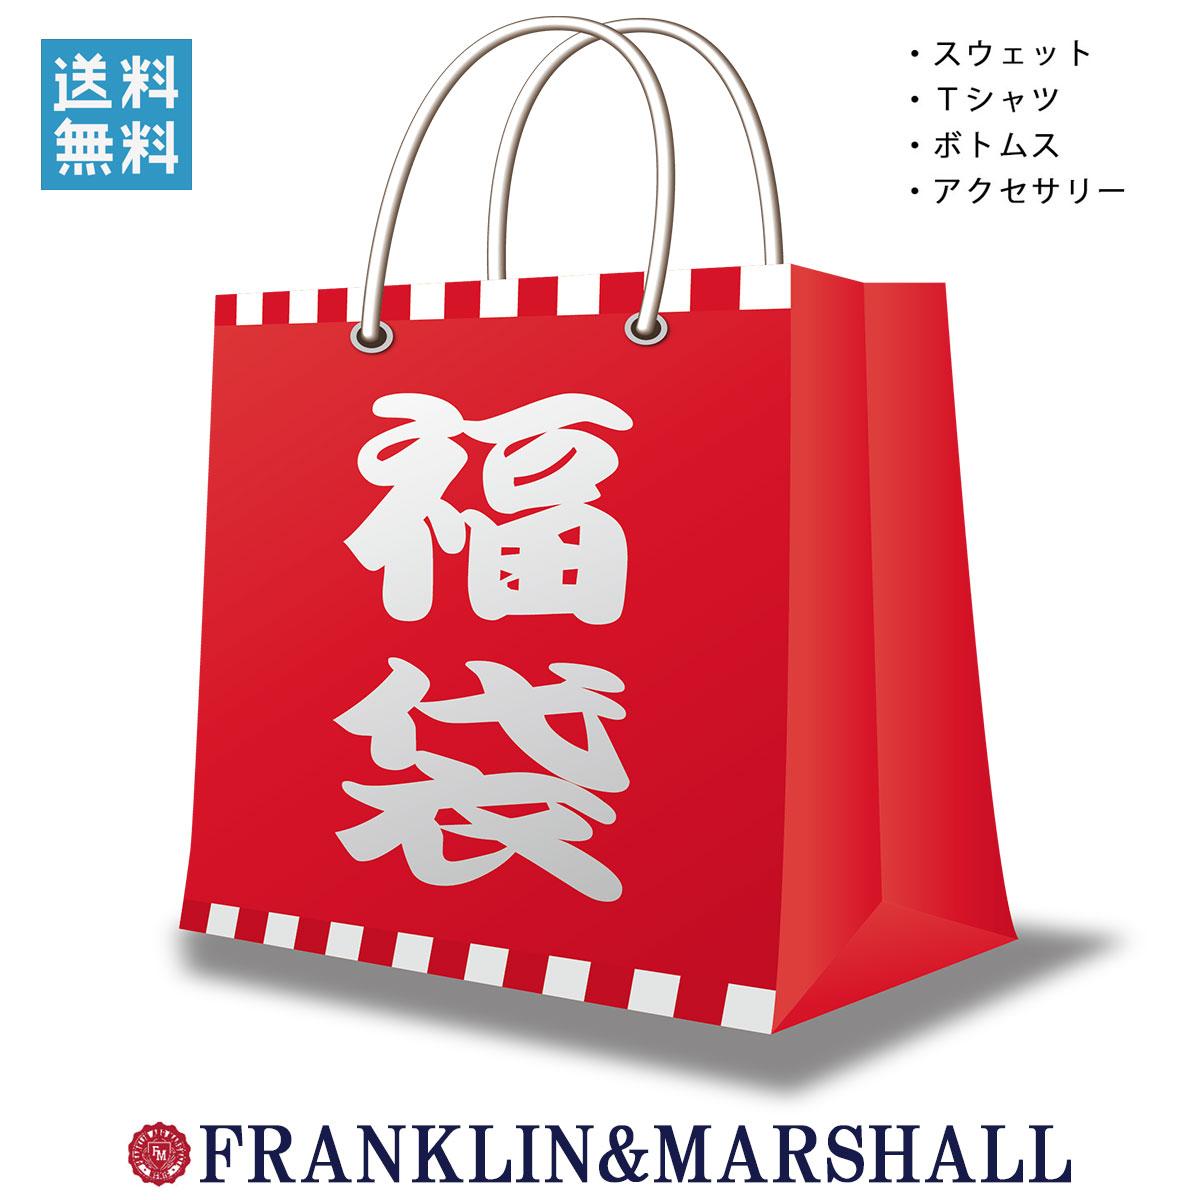 福袋 2020 フランクリン マーシャル FRANKLIN&MARSHALL 正規販売店 メンズ ハッピーバッグ 15,000円(税別) 4-5万円相当 ※内容 ボトムス スエット Tシャツ アクセサリー